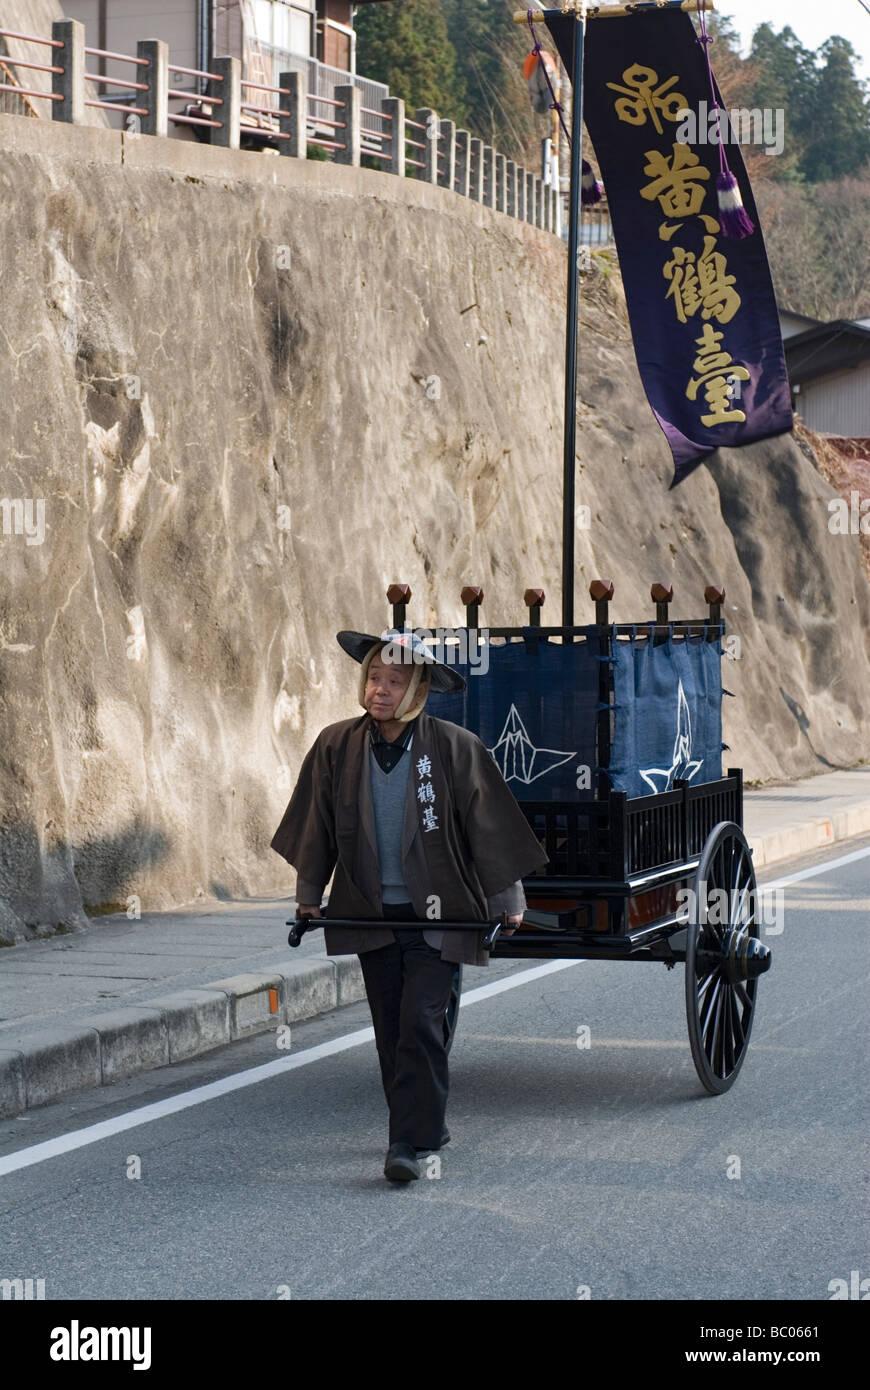 Ein Mann mit Festival Kleidung zieht einen traditionellen Karren mit Banner während des Frühlingsfestes Stockbild